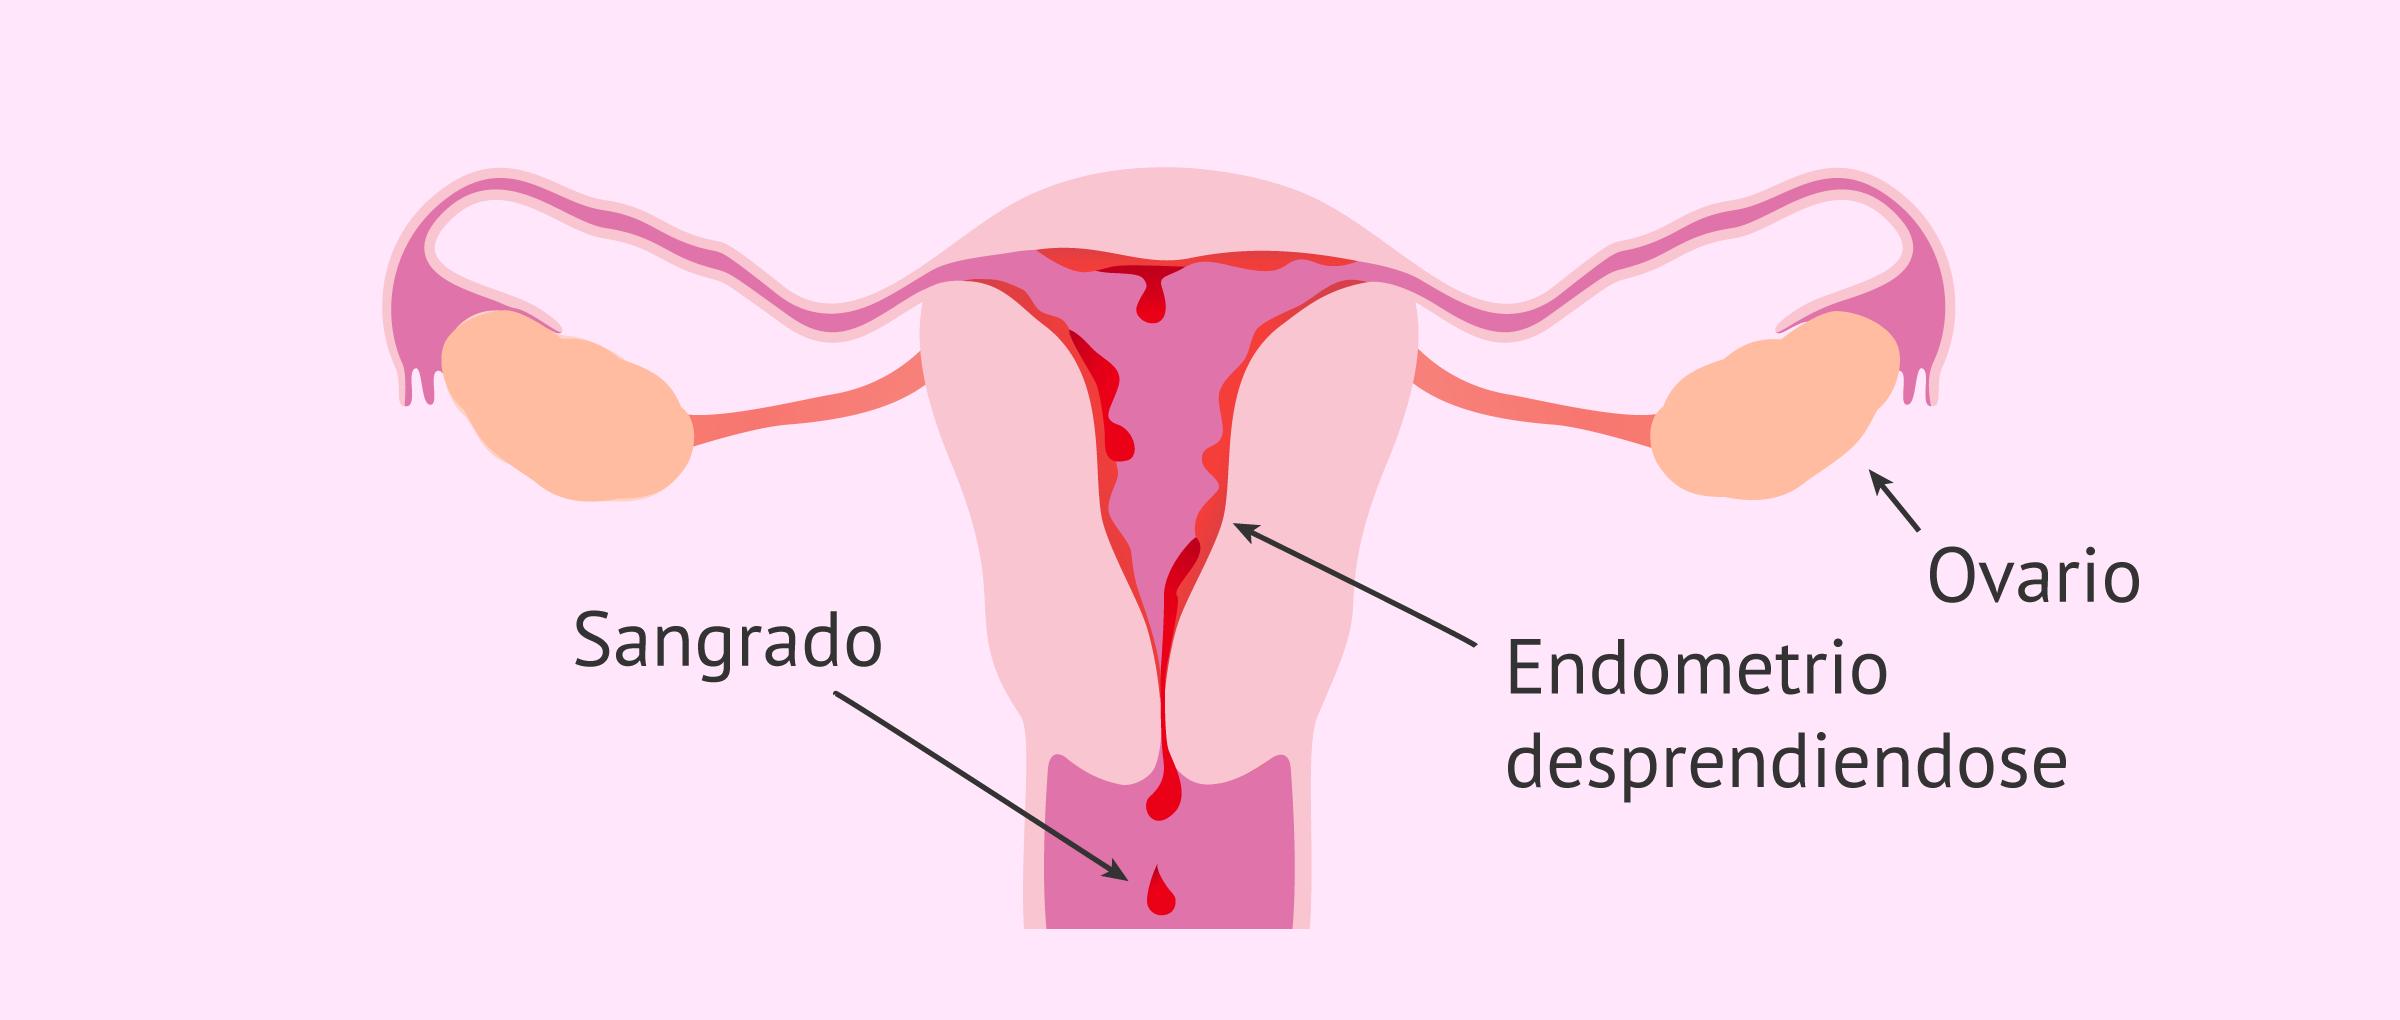 Endometrio en la menstruación